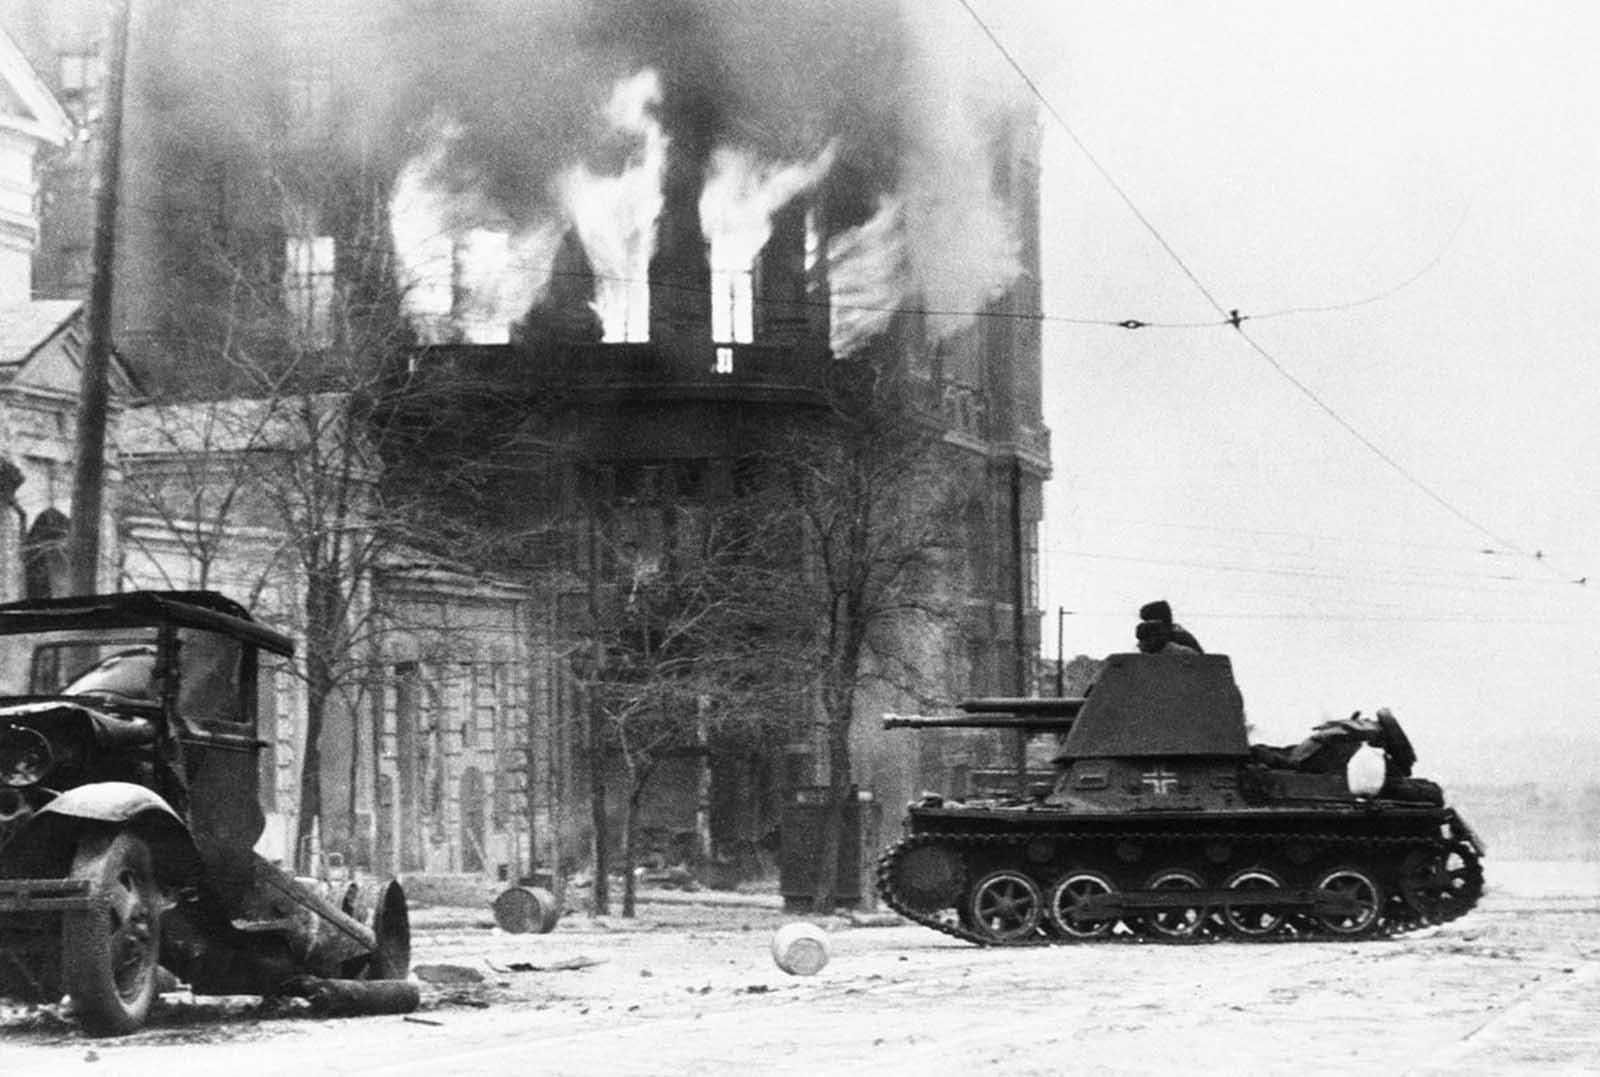 صورة لإحدى الدبابات الألمانية قرب روستوف (1)